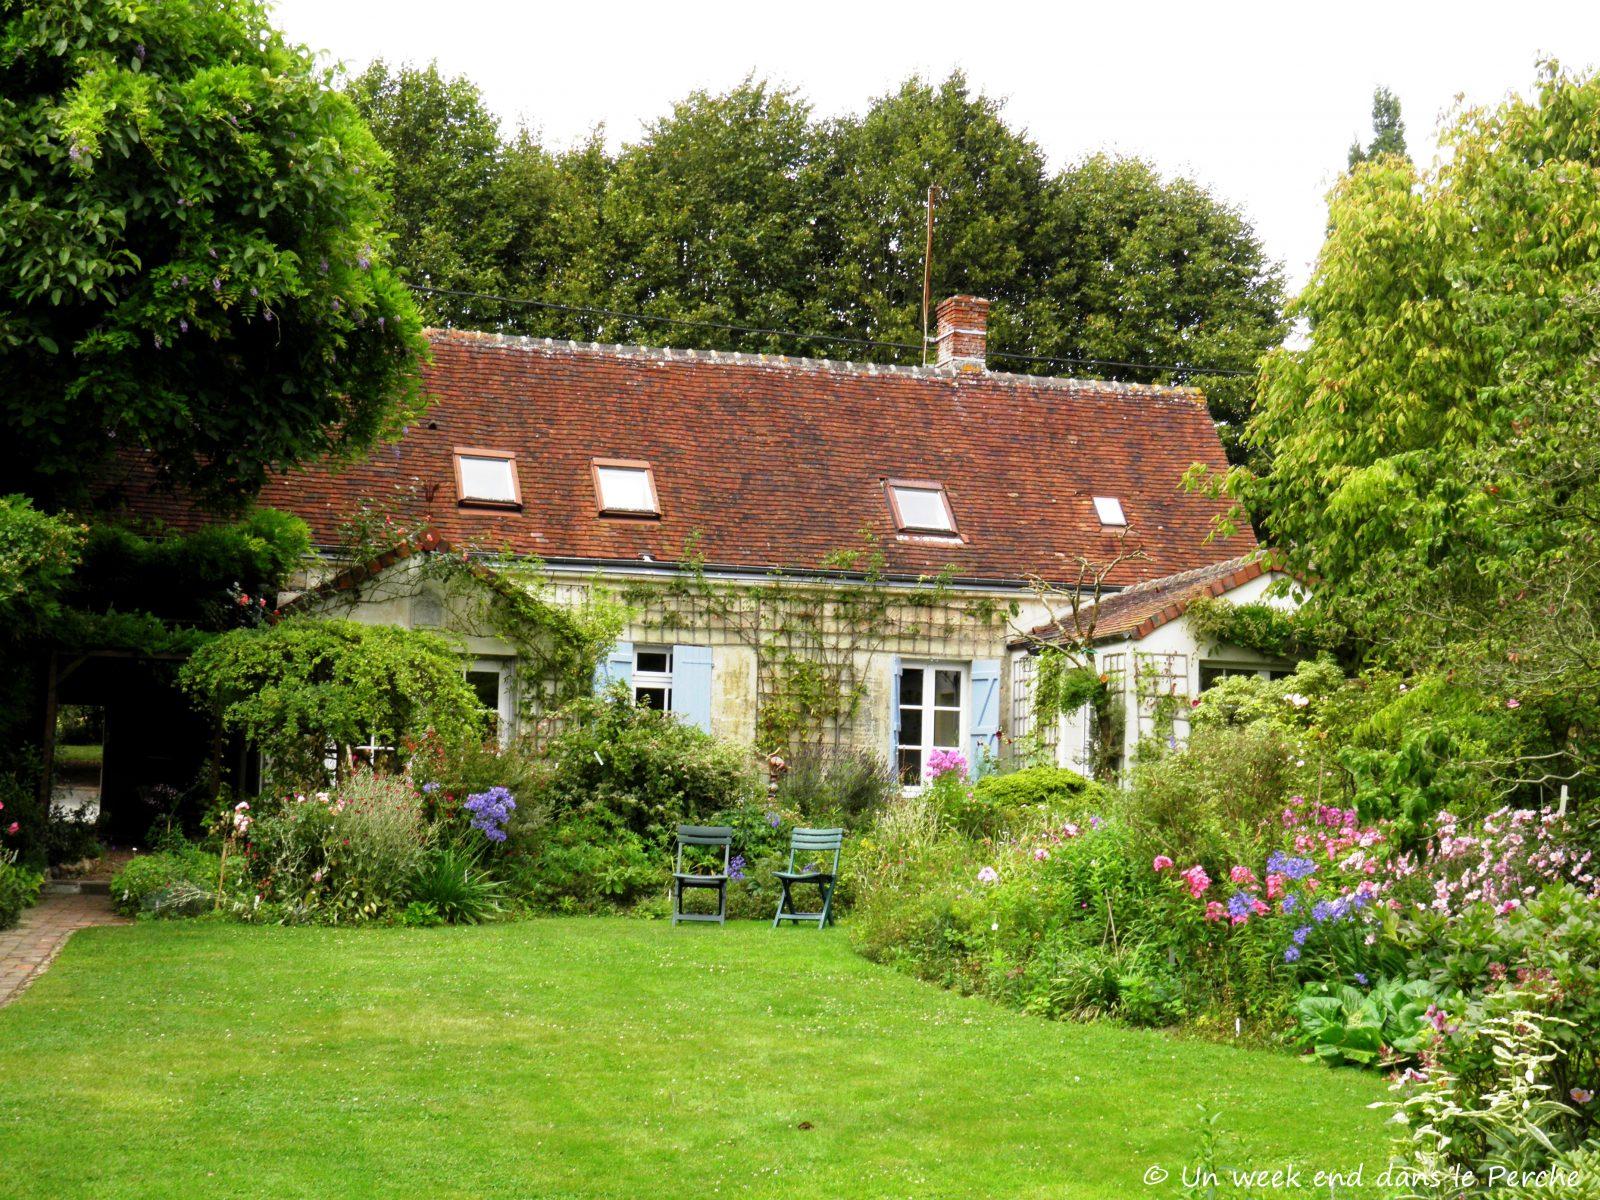 Un week end dans le perche jardin de la petite rochelle - Petit jardin zen interieur la rochelle ...